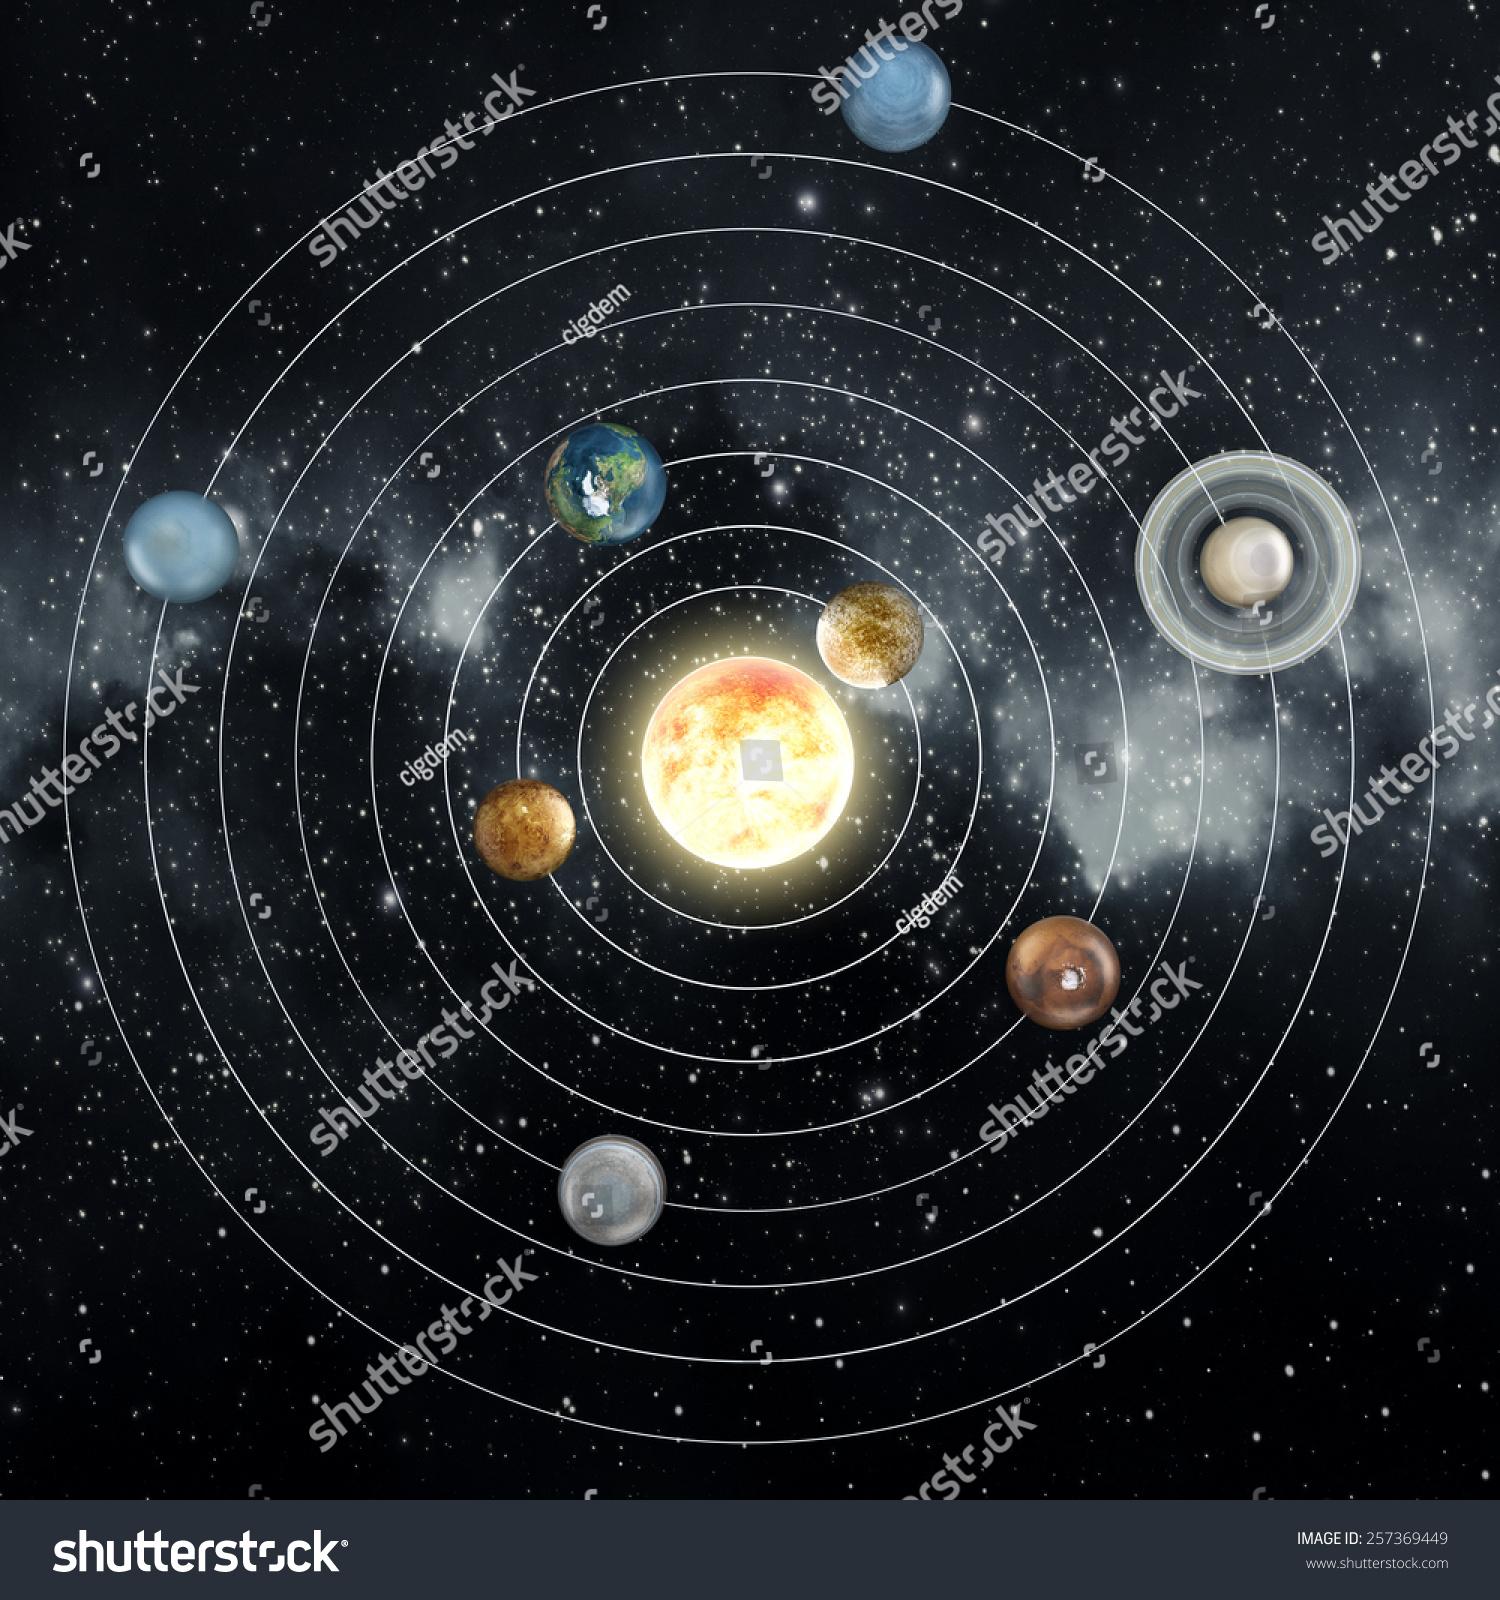 nasa solar system portrait - photo #41